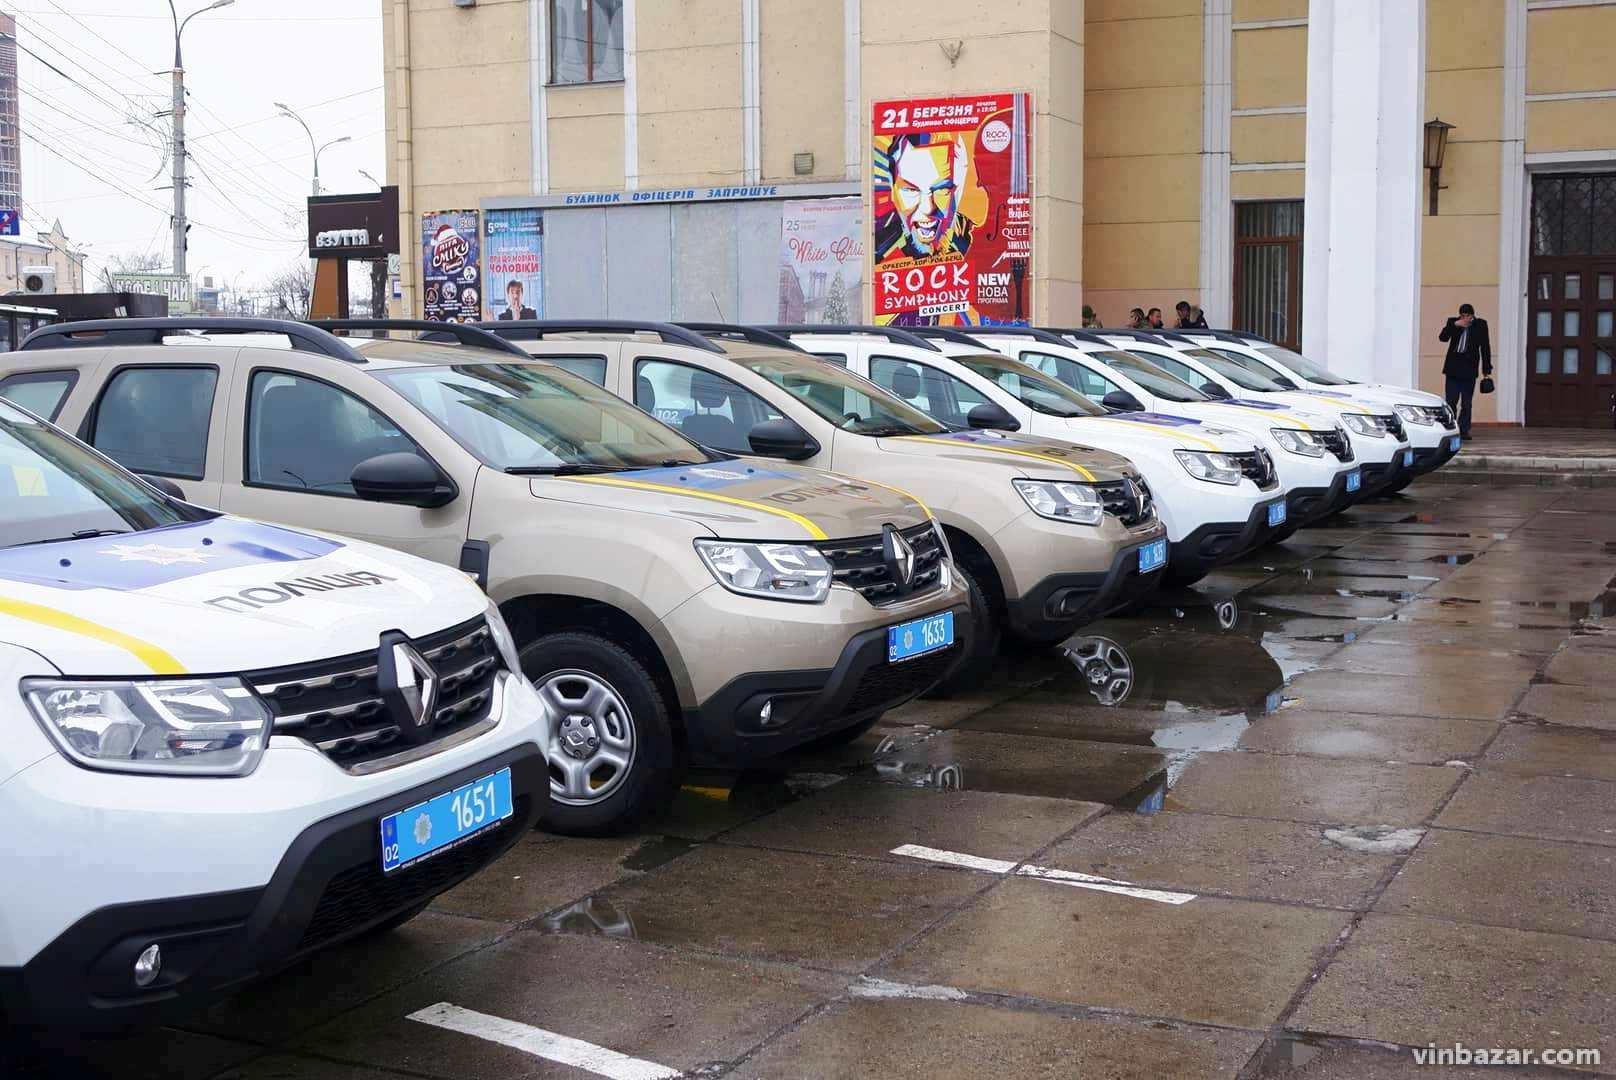 У Вінниці проходить закрита зустріч поліцейських з Аваковим, Князєвим та Чечоткіним (Фото)